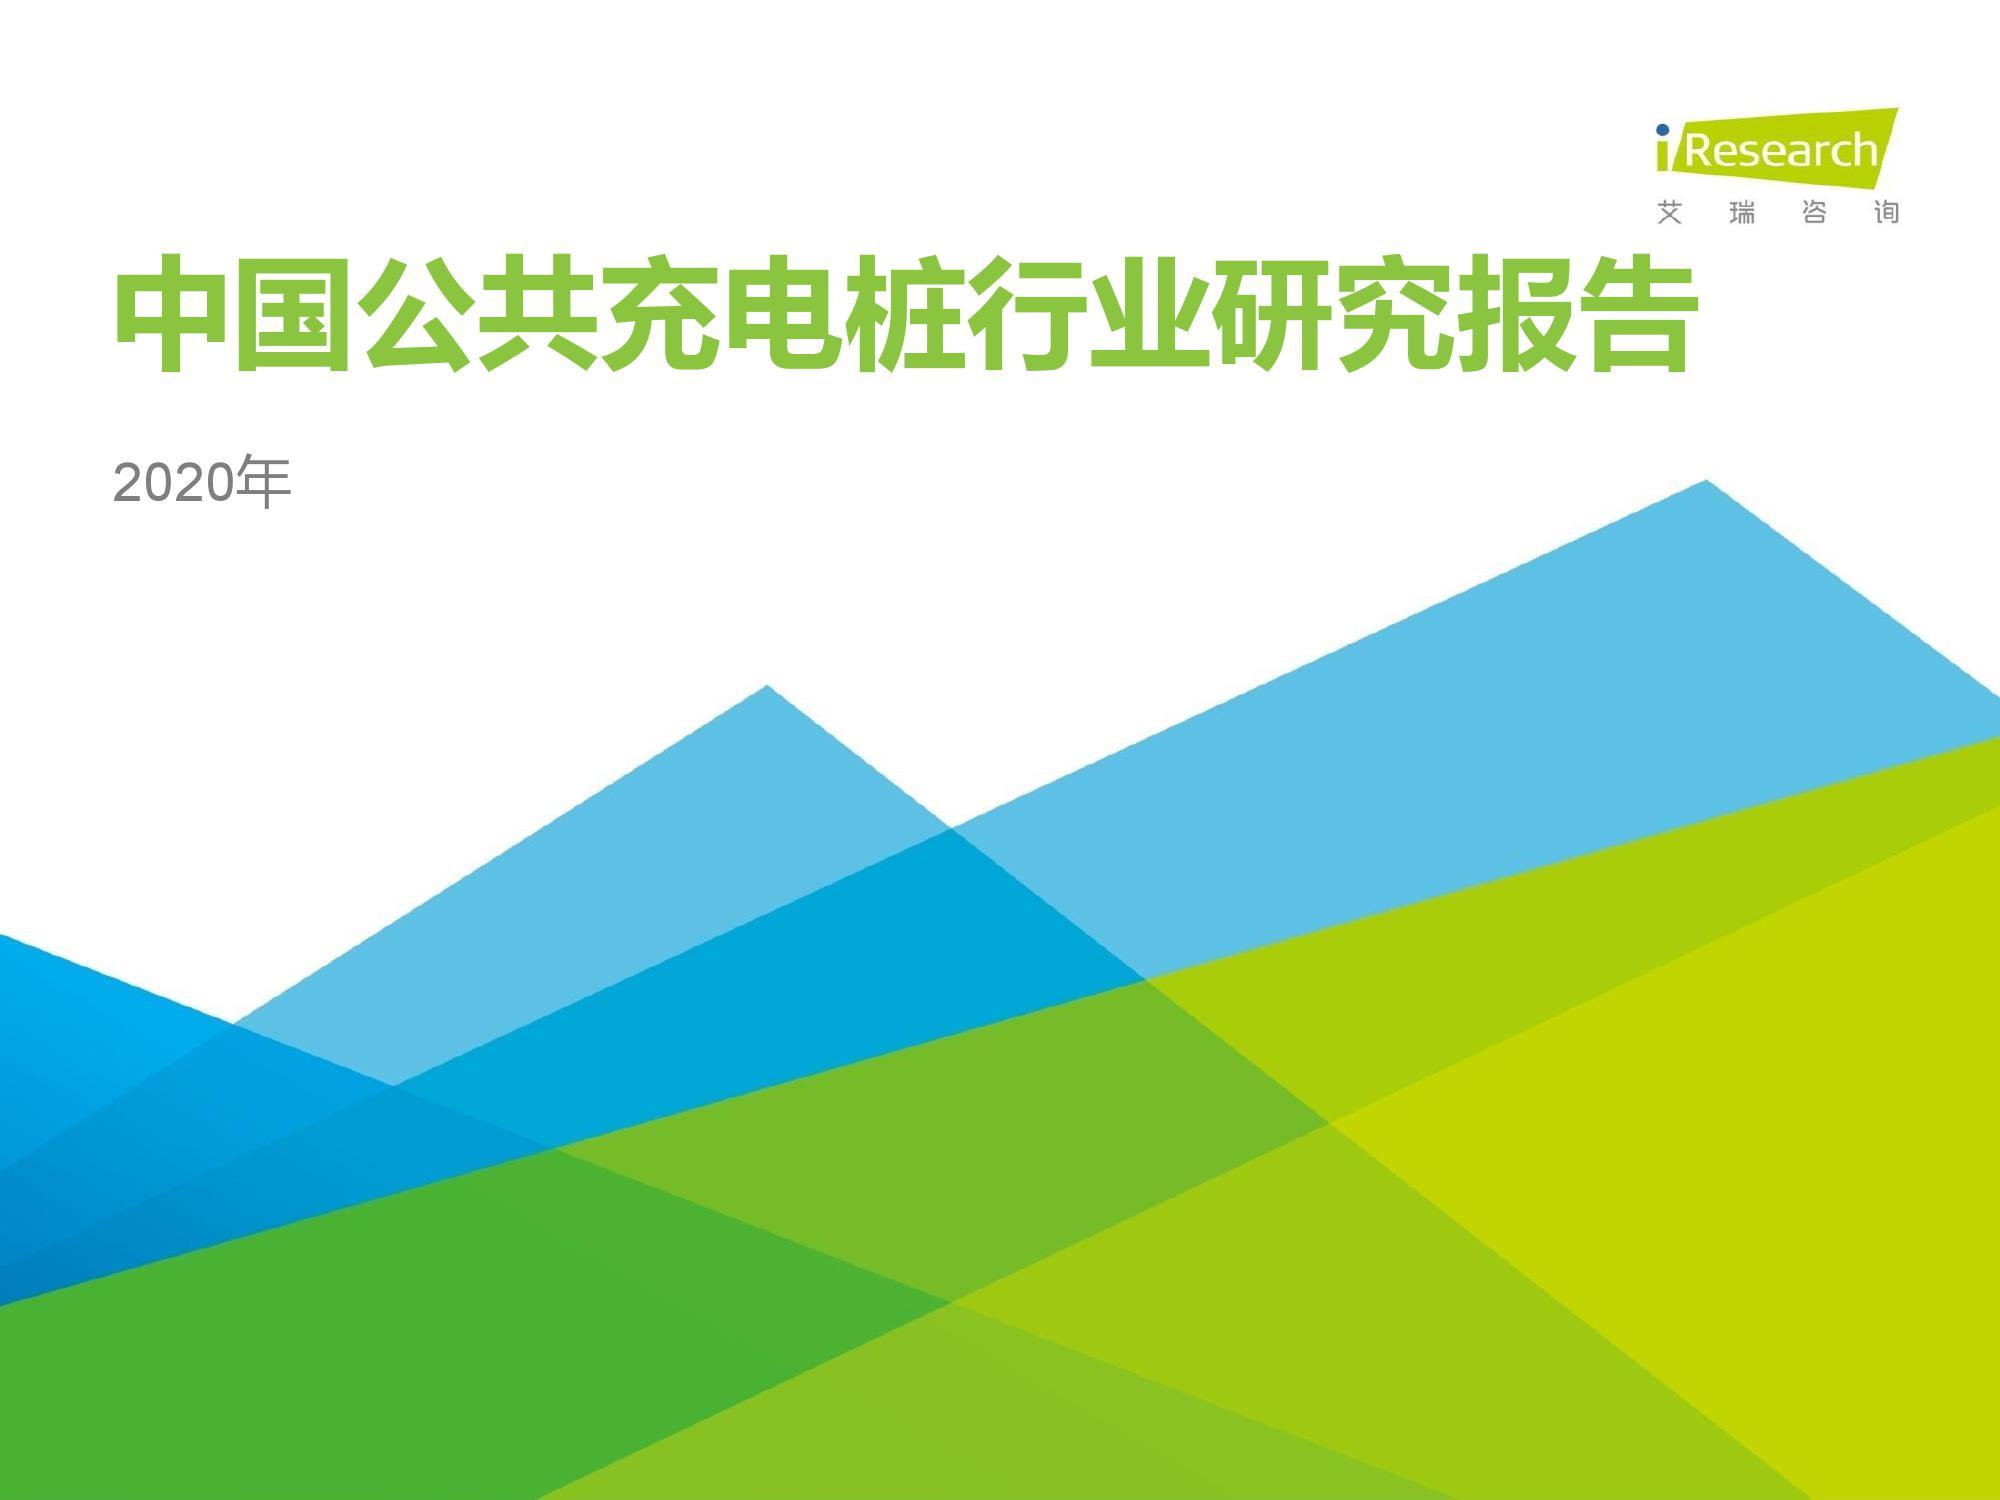 艾瑞咨询:2020年中国公共充电桩行业研究报告(附下载)